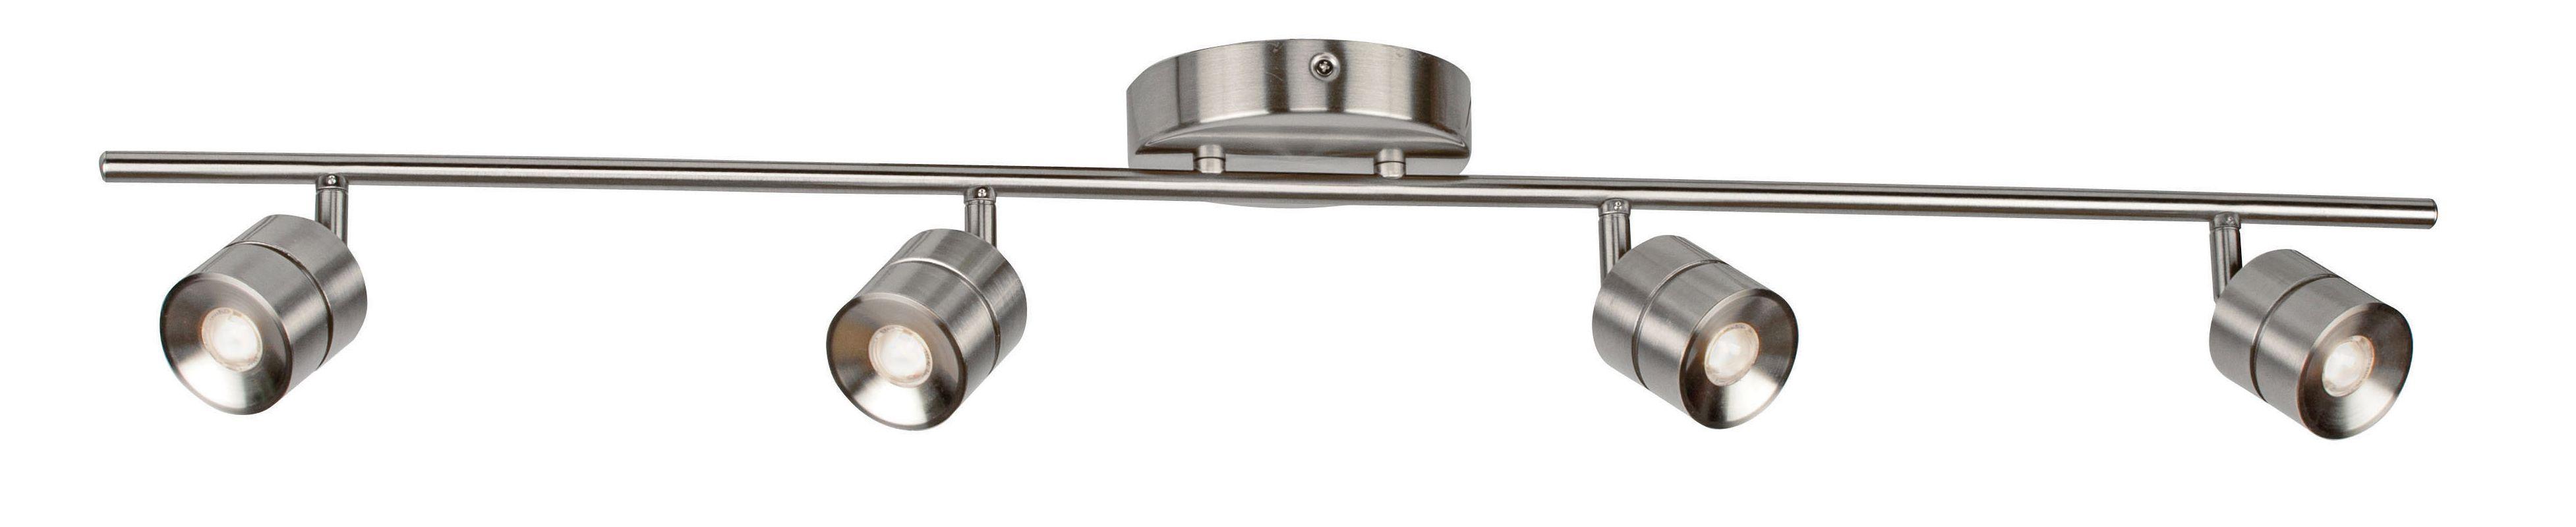 AFX CRRF4300L30SN Satin Nickel 4 Light LED Energy Star Fixed Track Light Kit